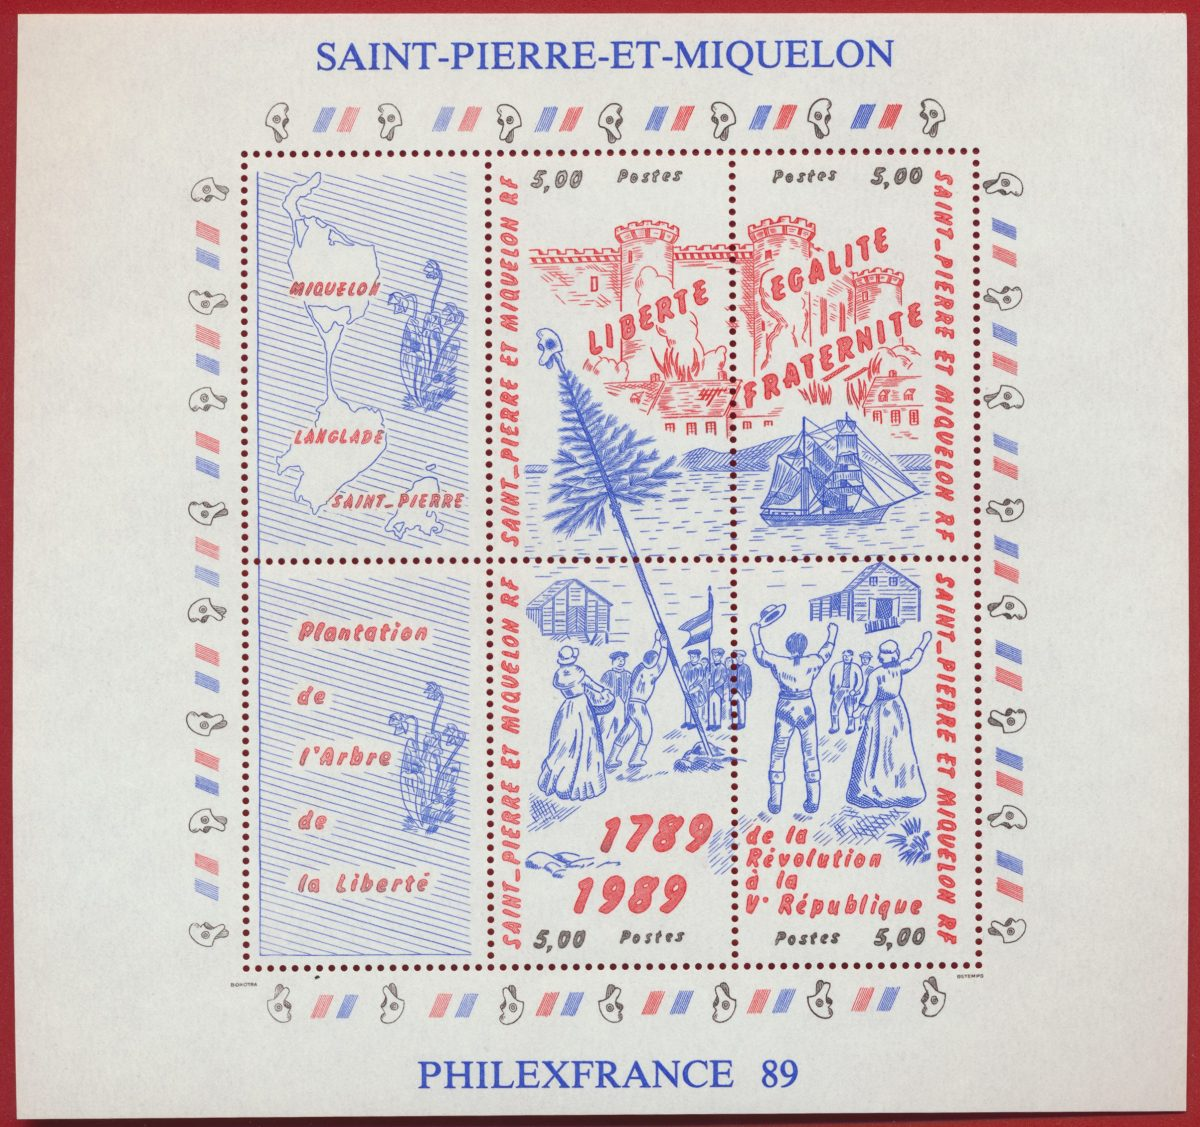 bloc-et-feuillet-saint-pierre-et-miquelon-philexfrance-1989